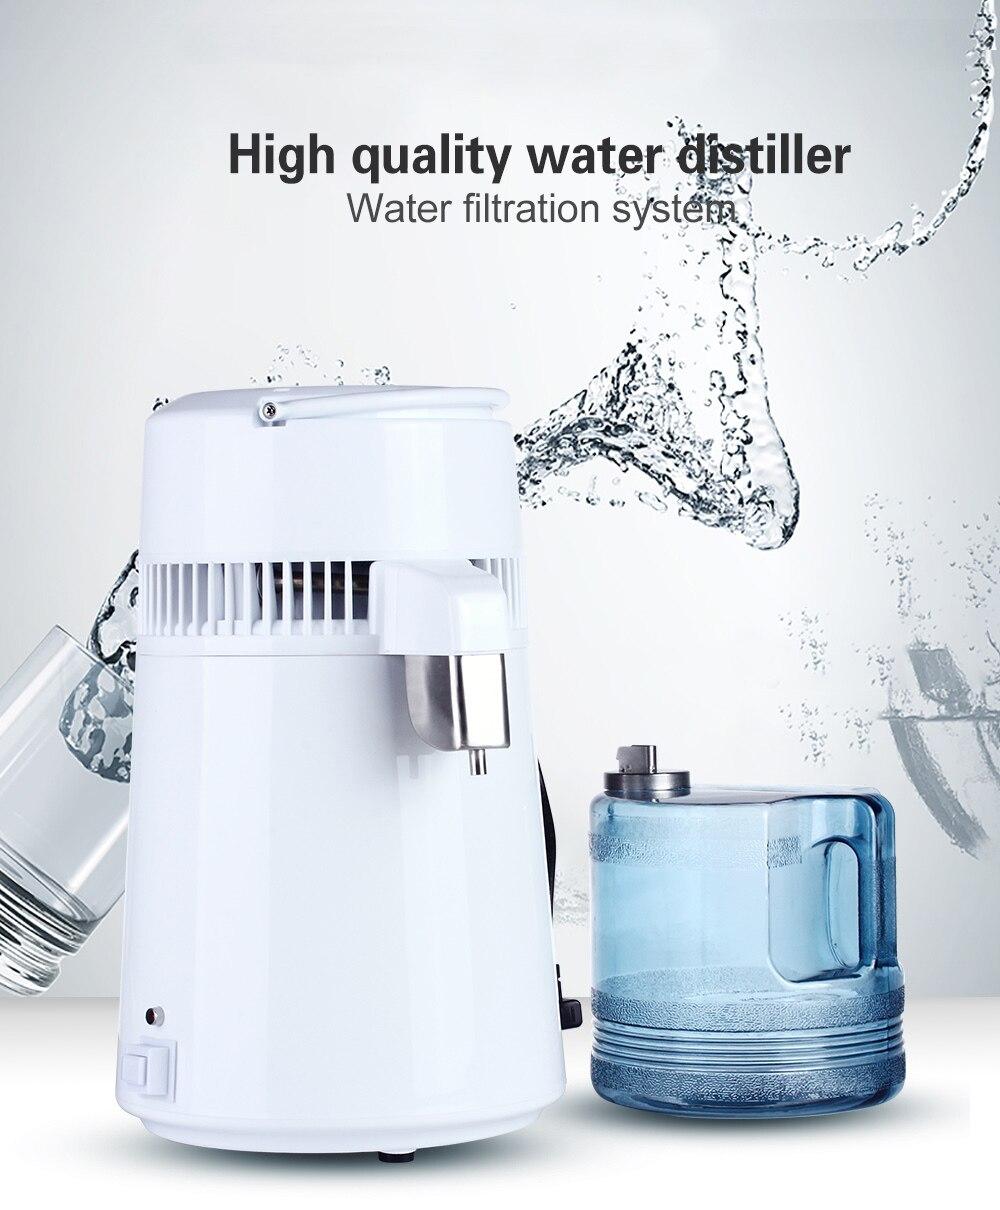 Gehäuse Verwenden 4L Wasser Distiller Destilliertem Wasser Maschine Destillation Purifier Edelstahl Wasser Filter Russische Anweisungen